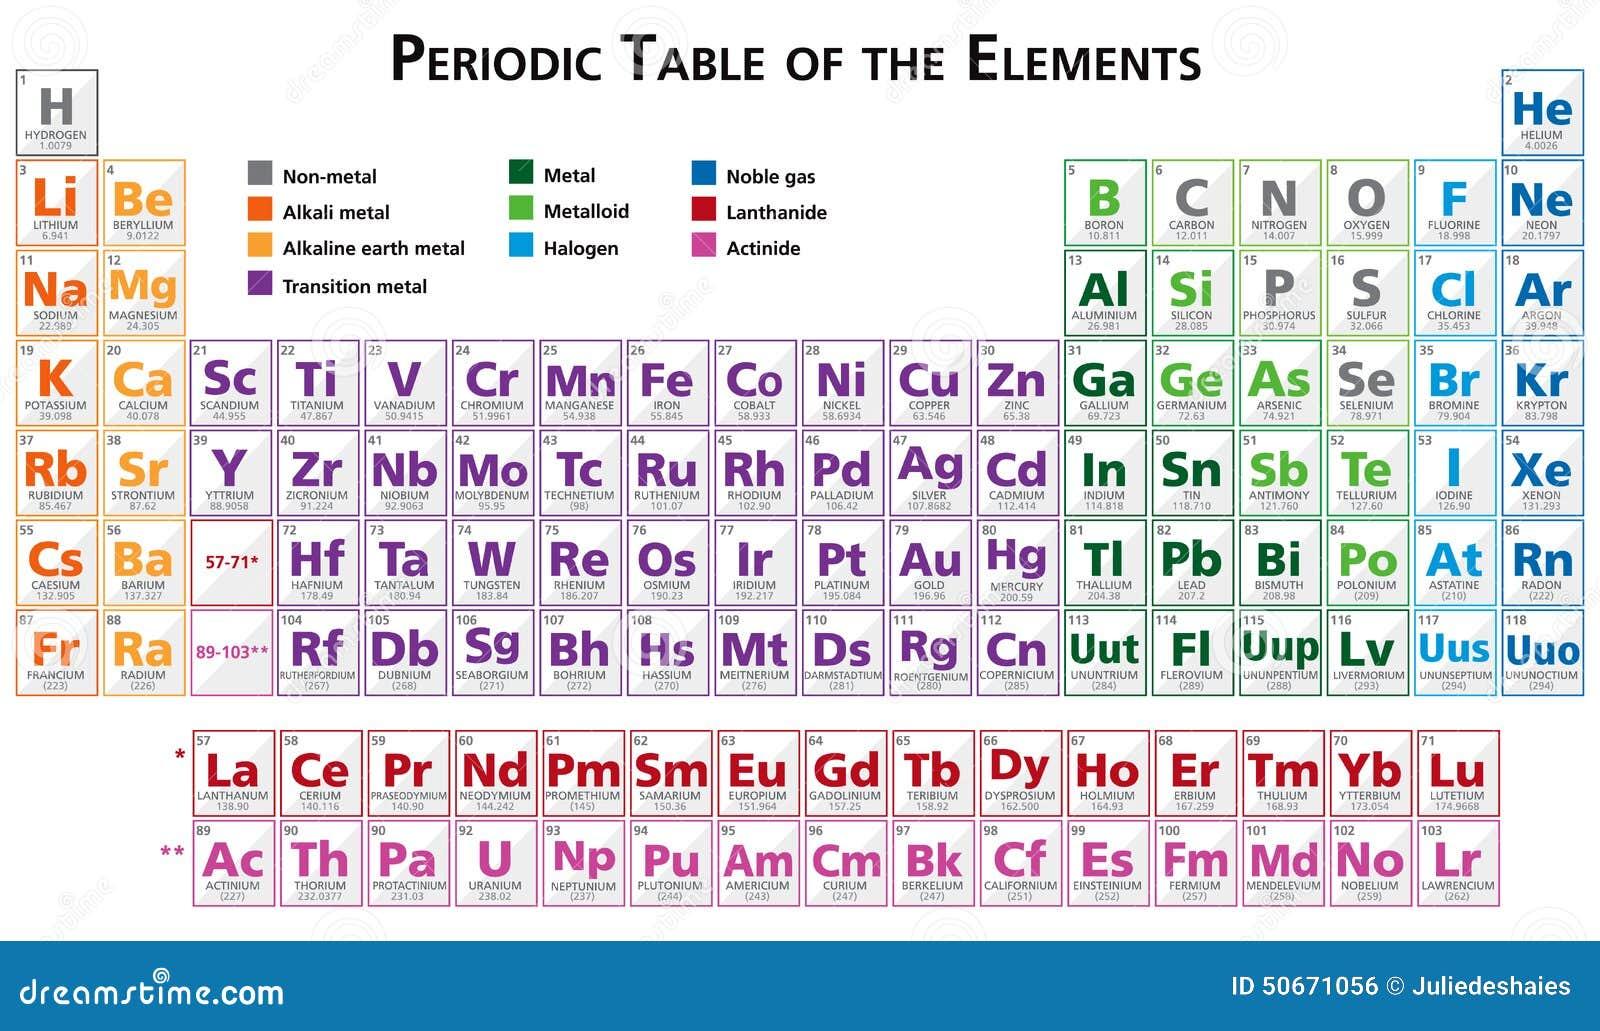 Tabela peridica da ilustrao dos elementos em multicoloured tabela peridica da ilustrao dos elementos em multicoloured ingls urtaz Images